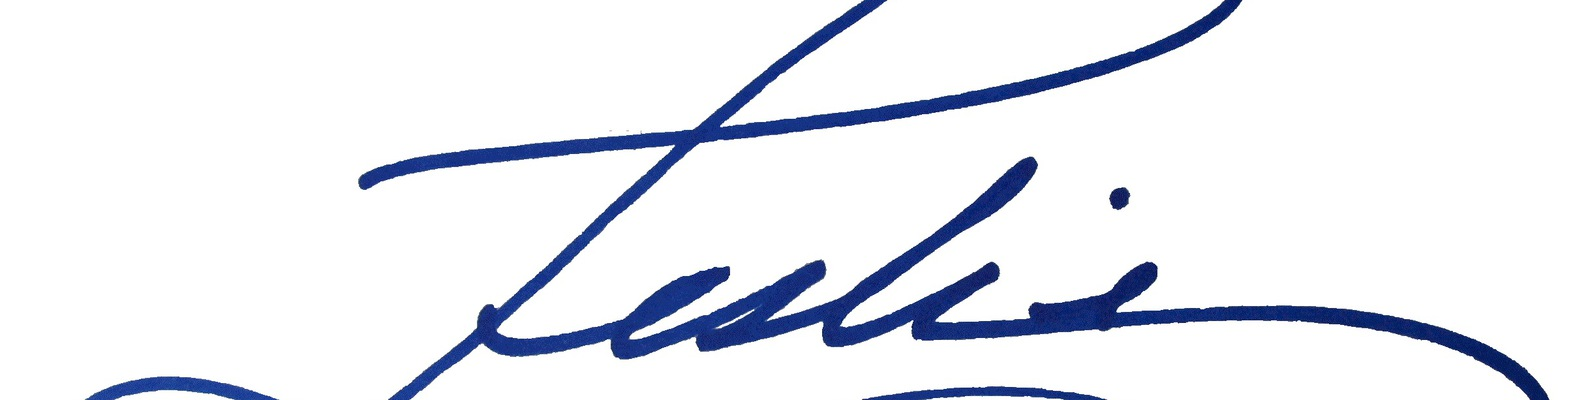 Генератор подписей к картинкам